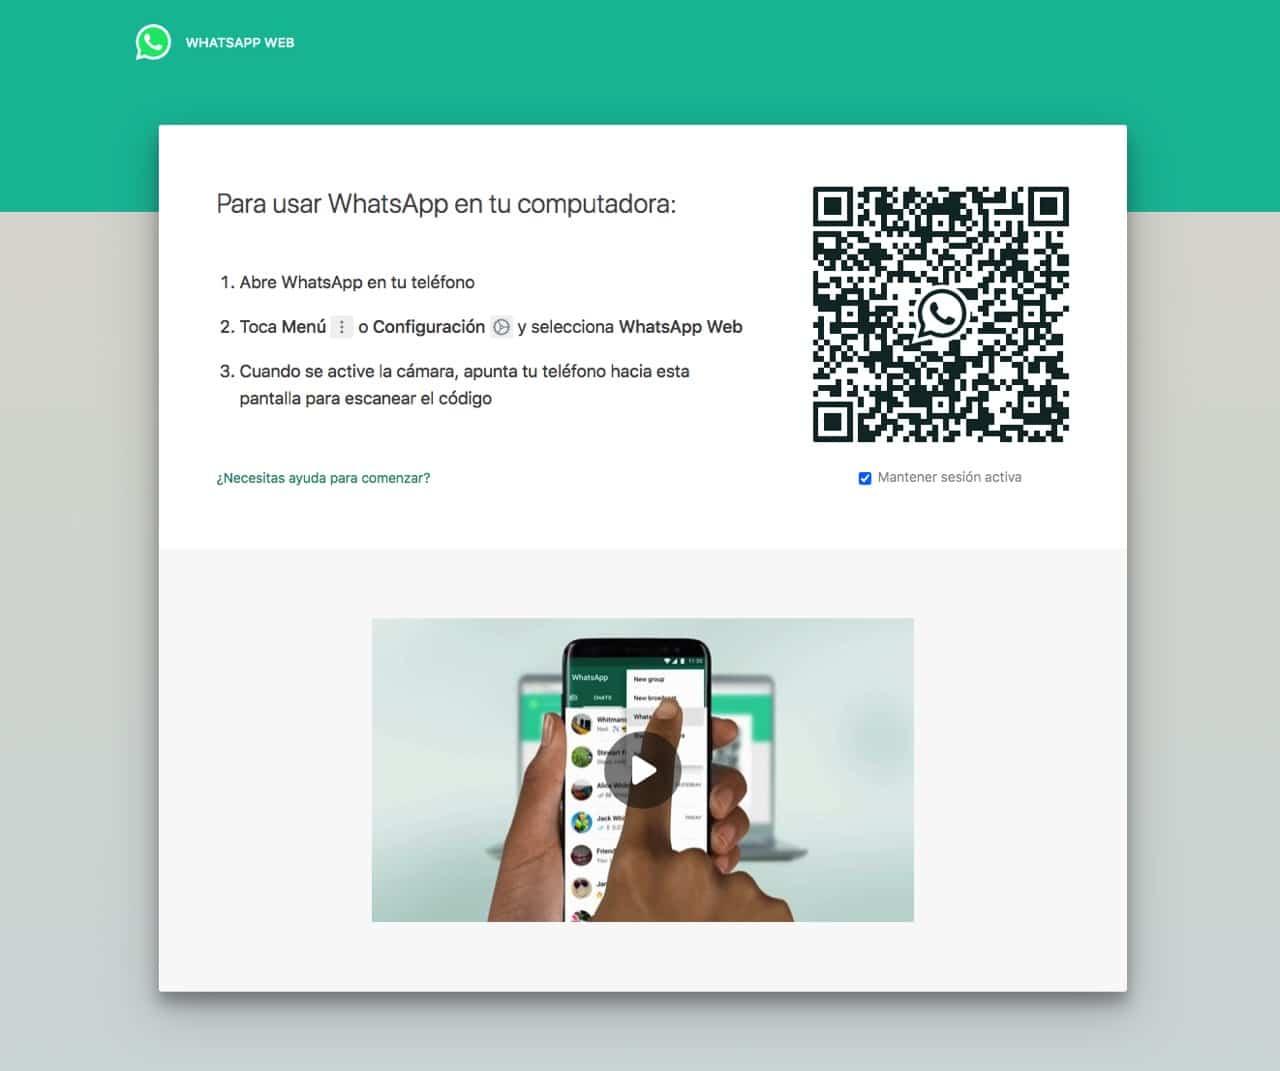 Llegan nuevas funciones a Whatsapp que muchos estaban esperando 1